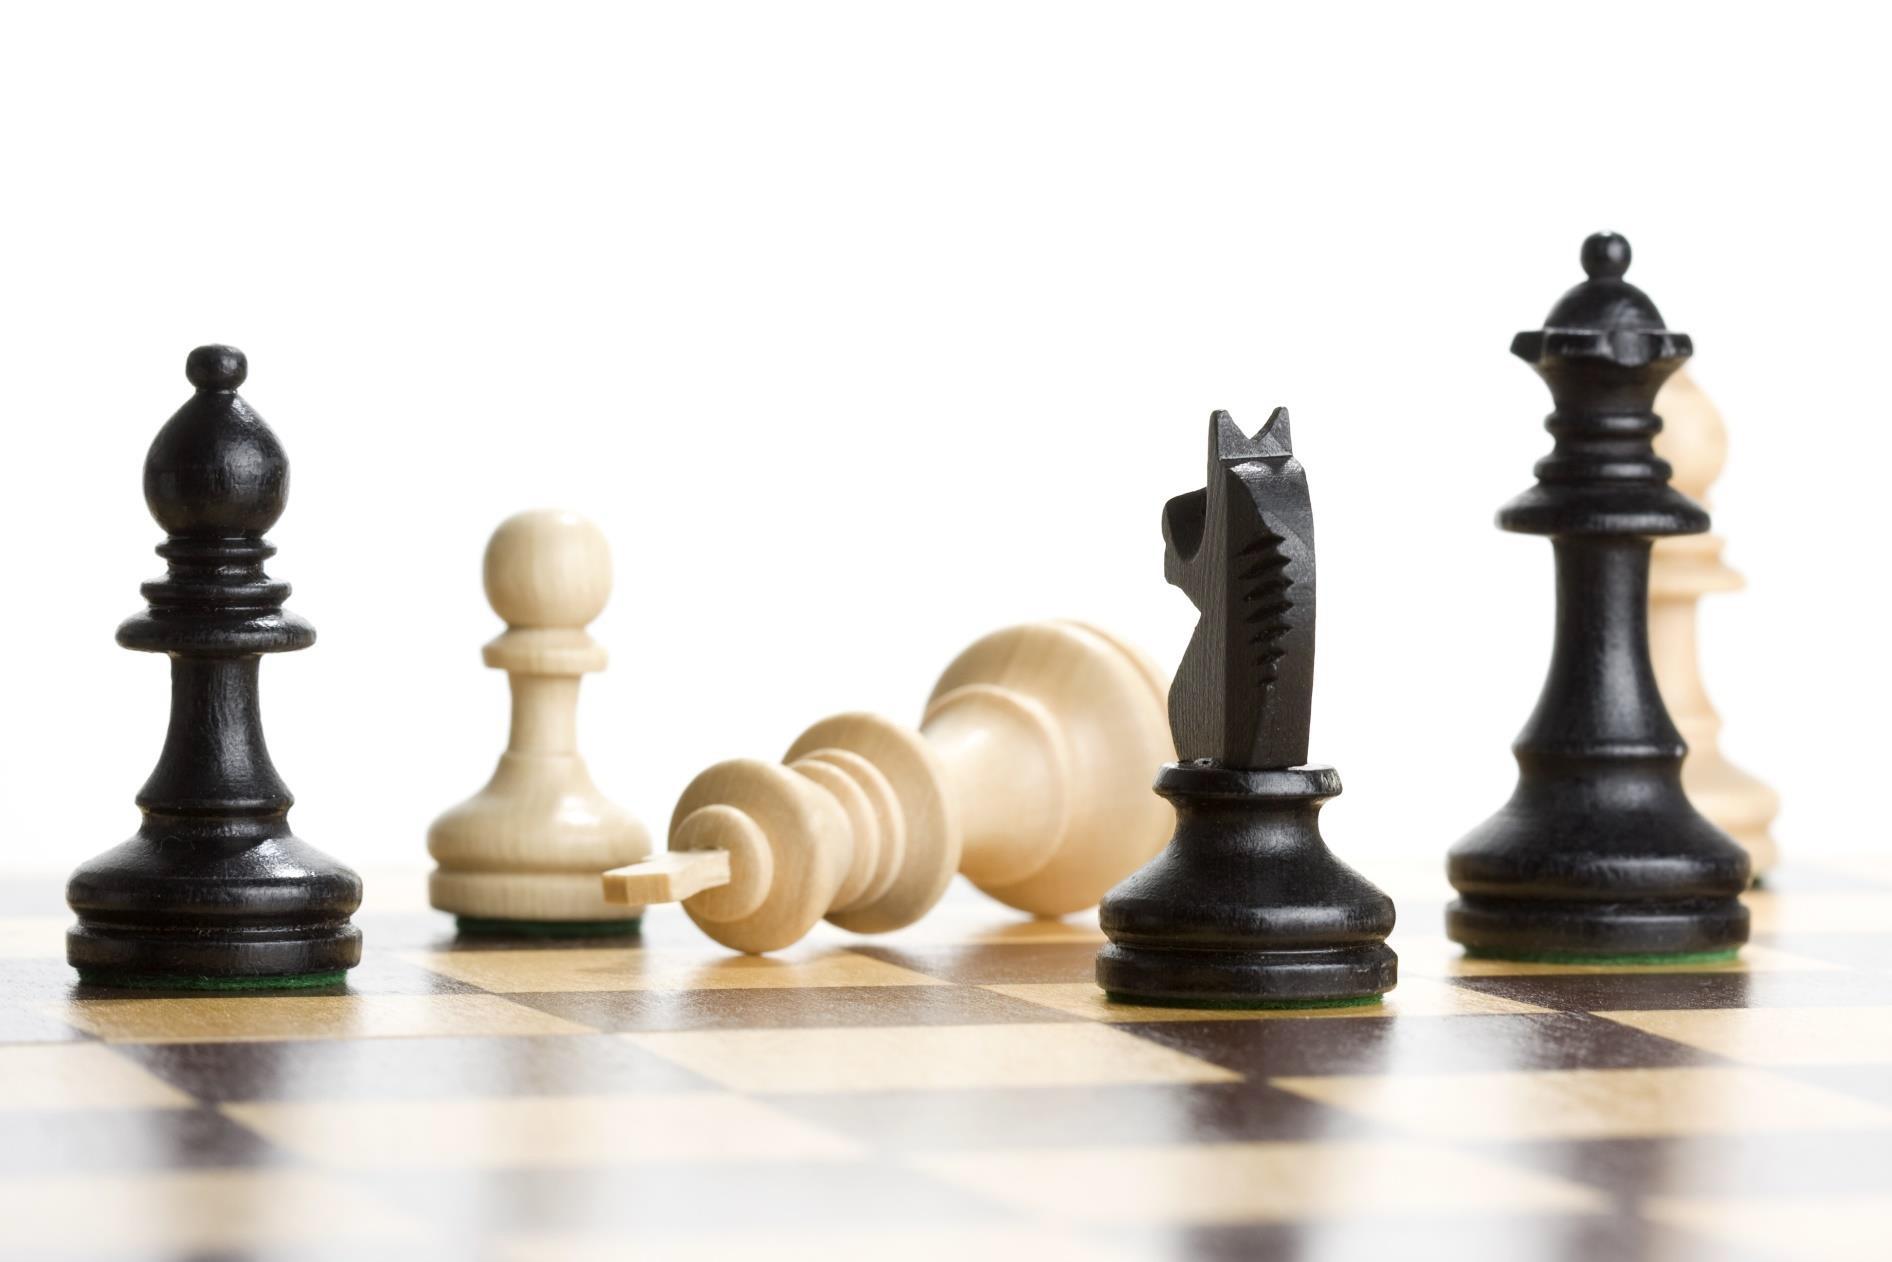 Meer weten over schaken, kom naar de open dag van Schaakclub Aartswoud. (Foto: Schaakclub Aartswoud)